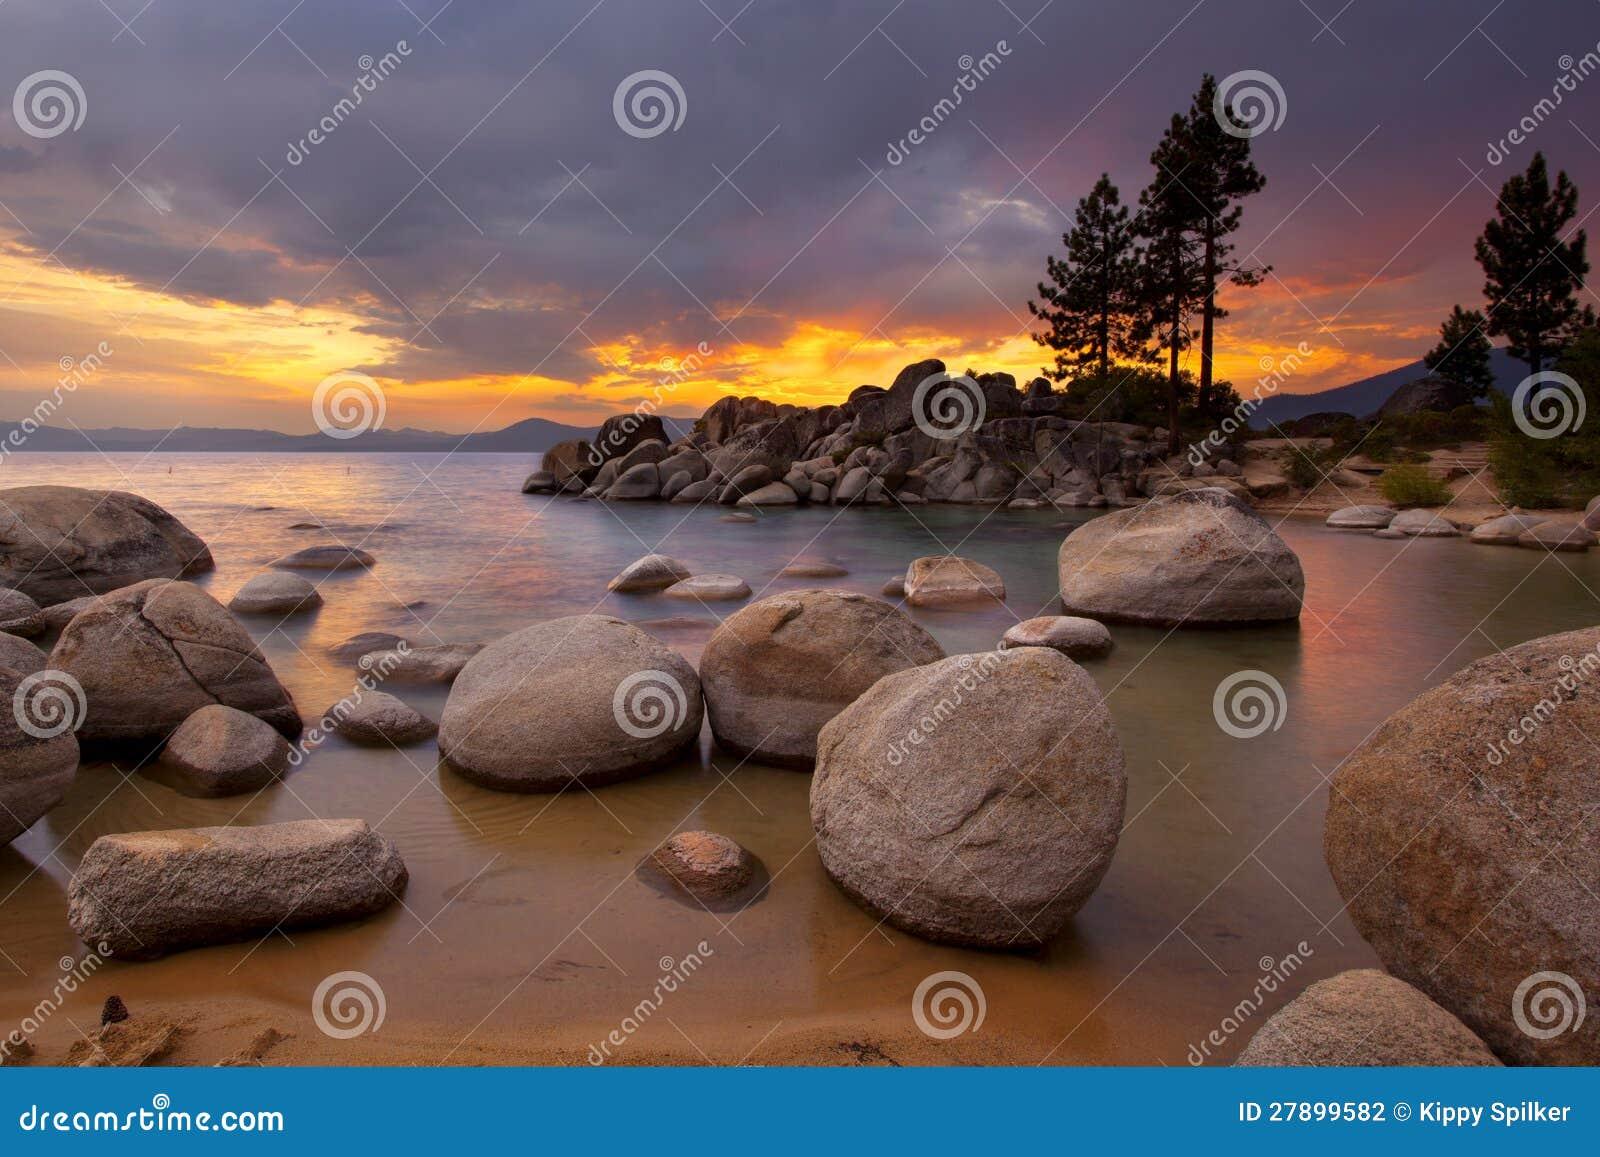 Tahoe Sunset 1